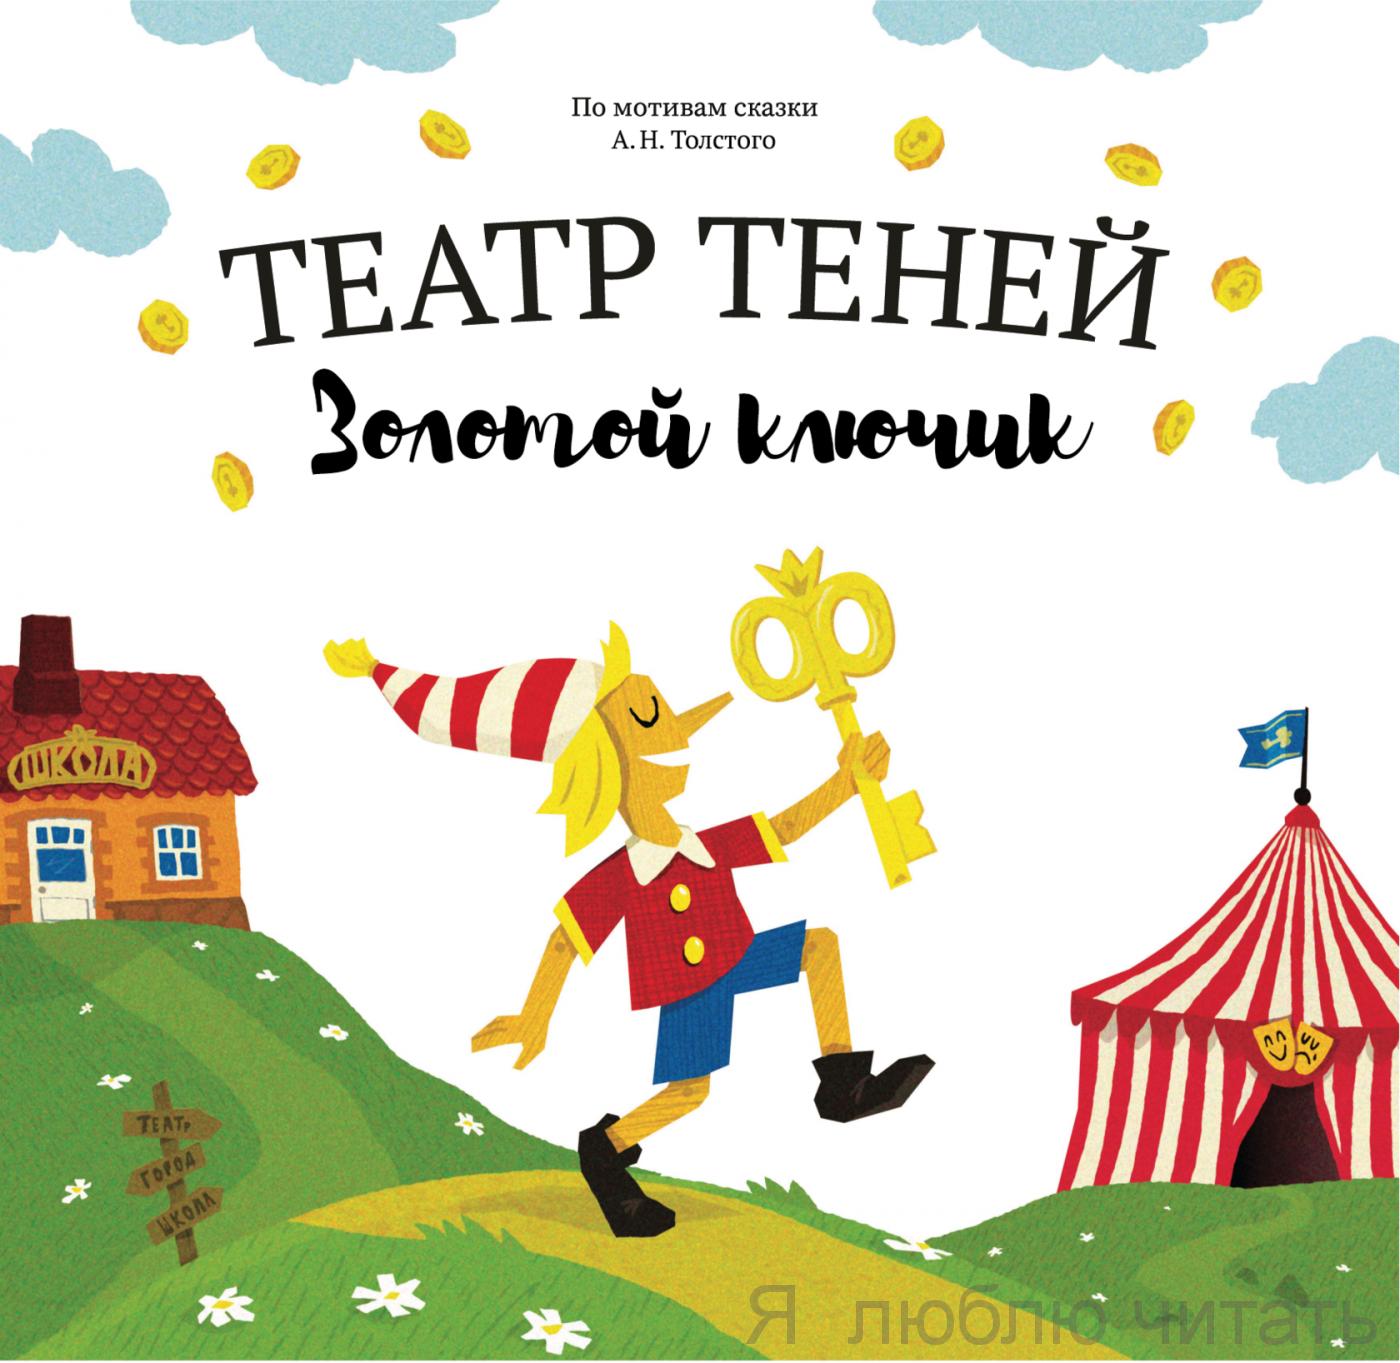 """Театр теней """"Золотой ключик"""""""